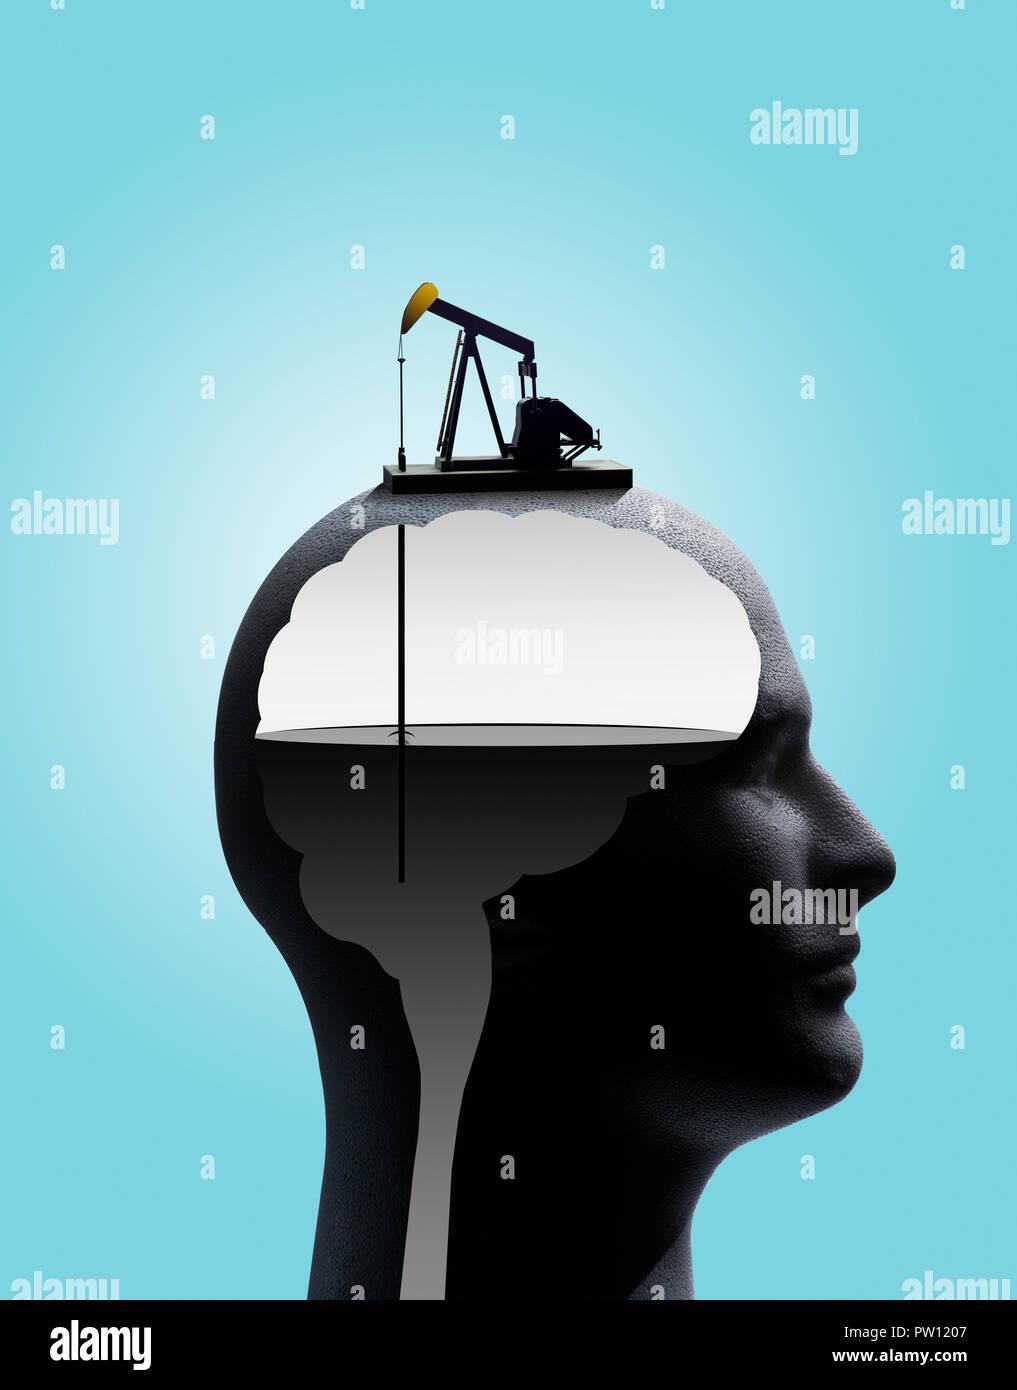 Konzept Profil eines Mannes mit Umrisse von Gehirn und Stammzellen, in der die Pumpe pumpt Öl vom Gehirn, Öl Süchtiger, Benzin, Petroleum Stockbild